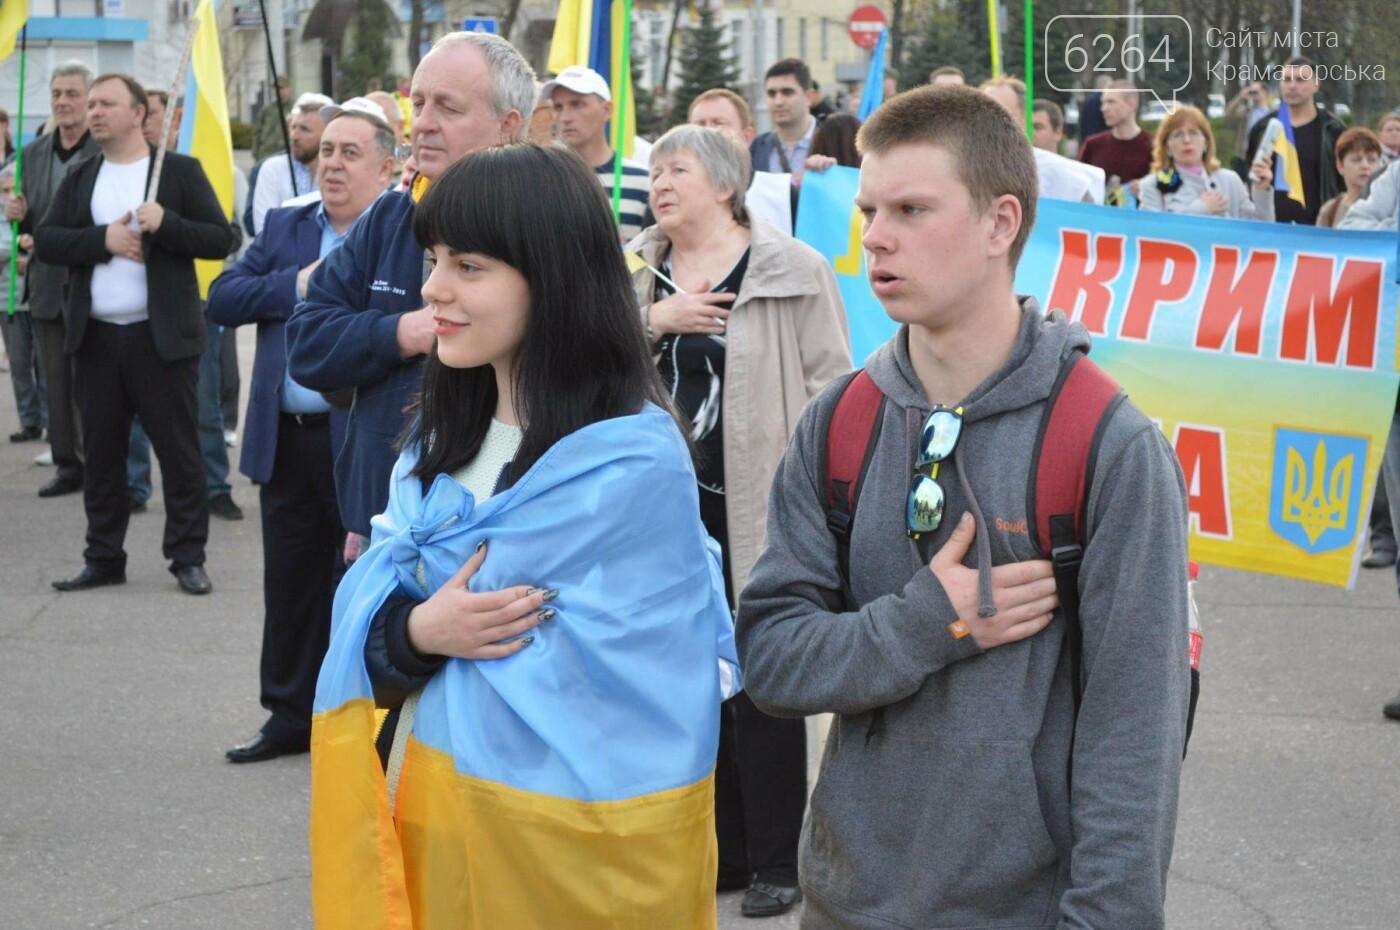 «Хай пам'ятає кремлівська тварина: Краматорськ – це Україна»: центром міста пройшов марш єдності, фото-7